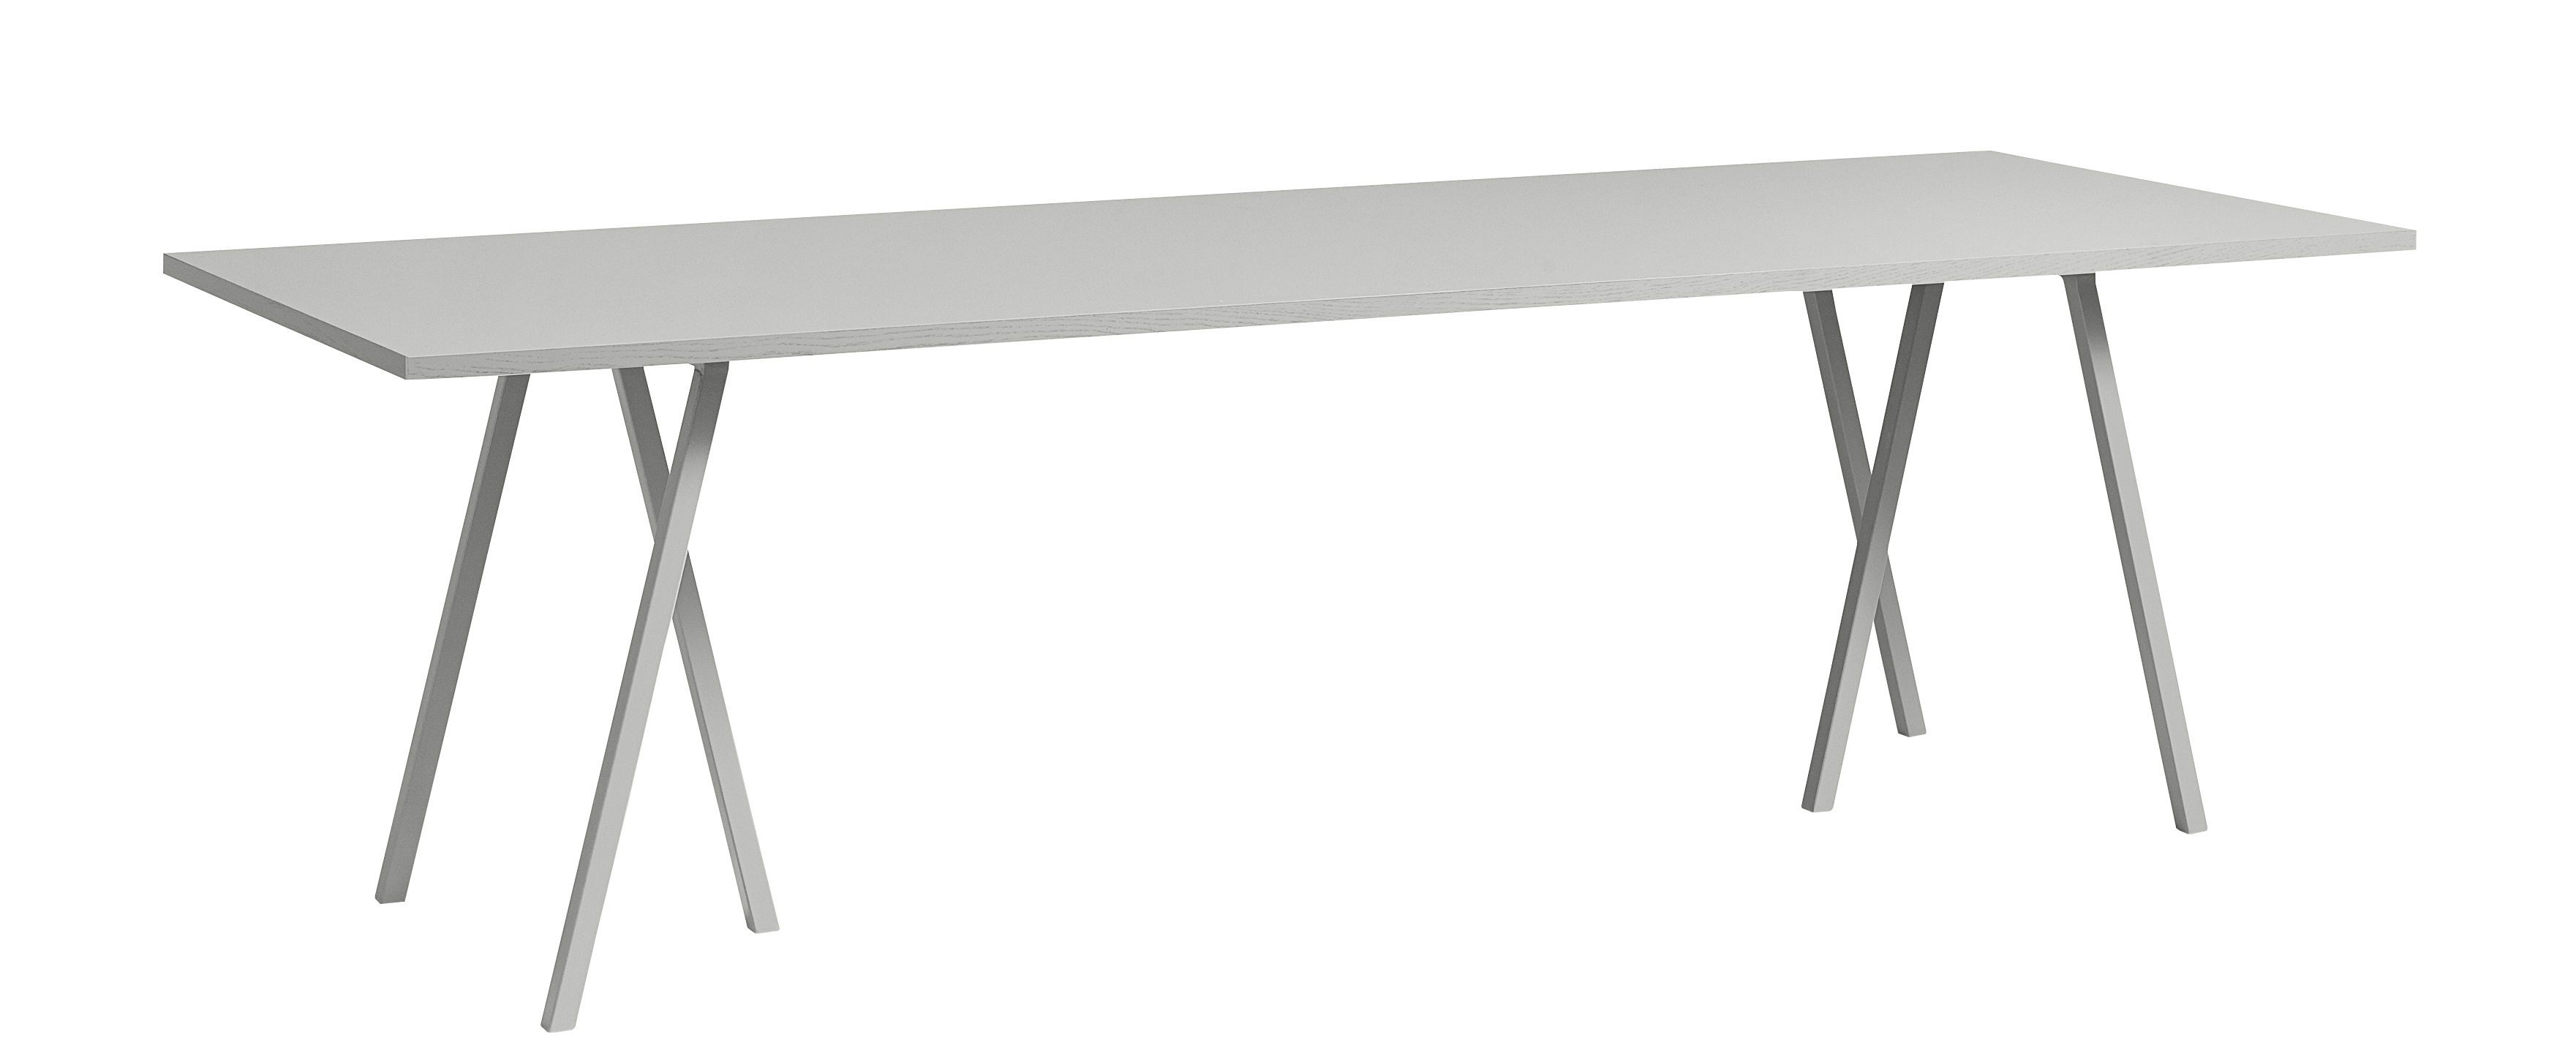 Mobilier - Tables - Table Loop / L 160 cm - Hay - Gris - Acier laqué